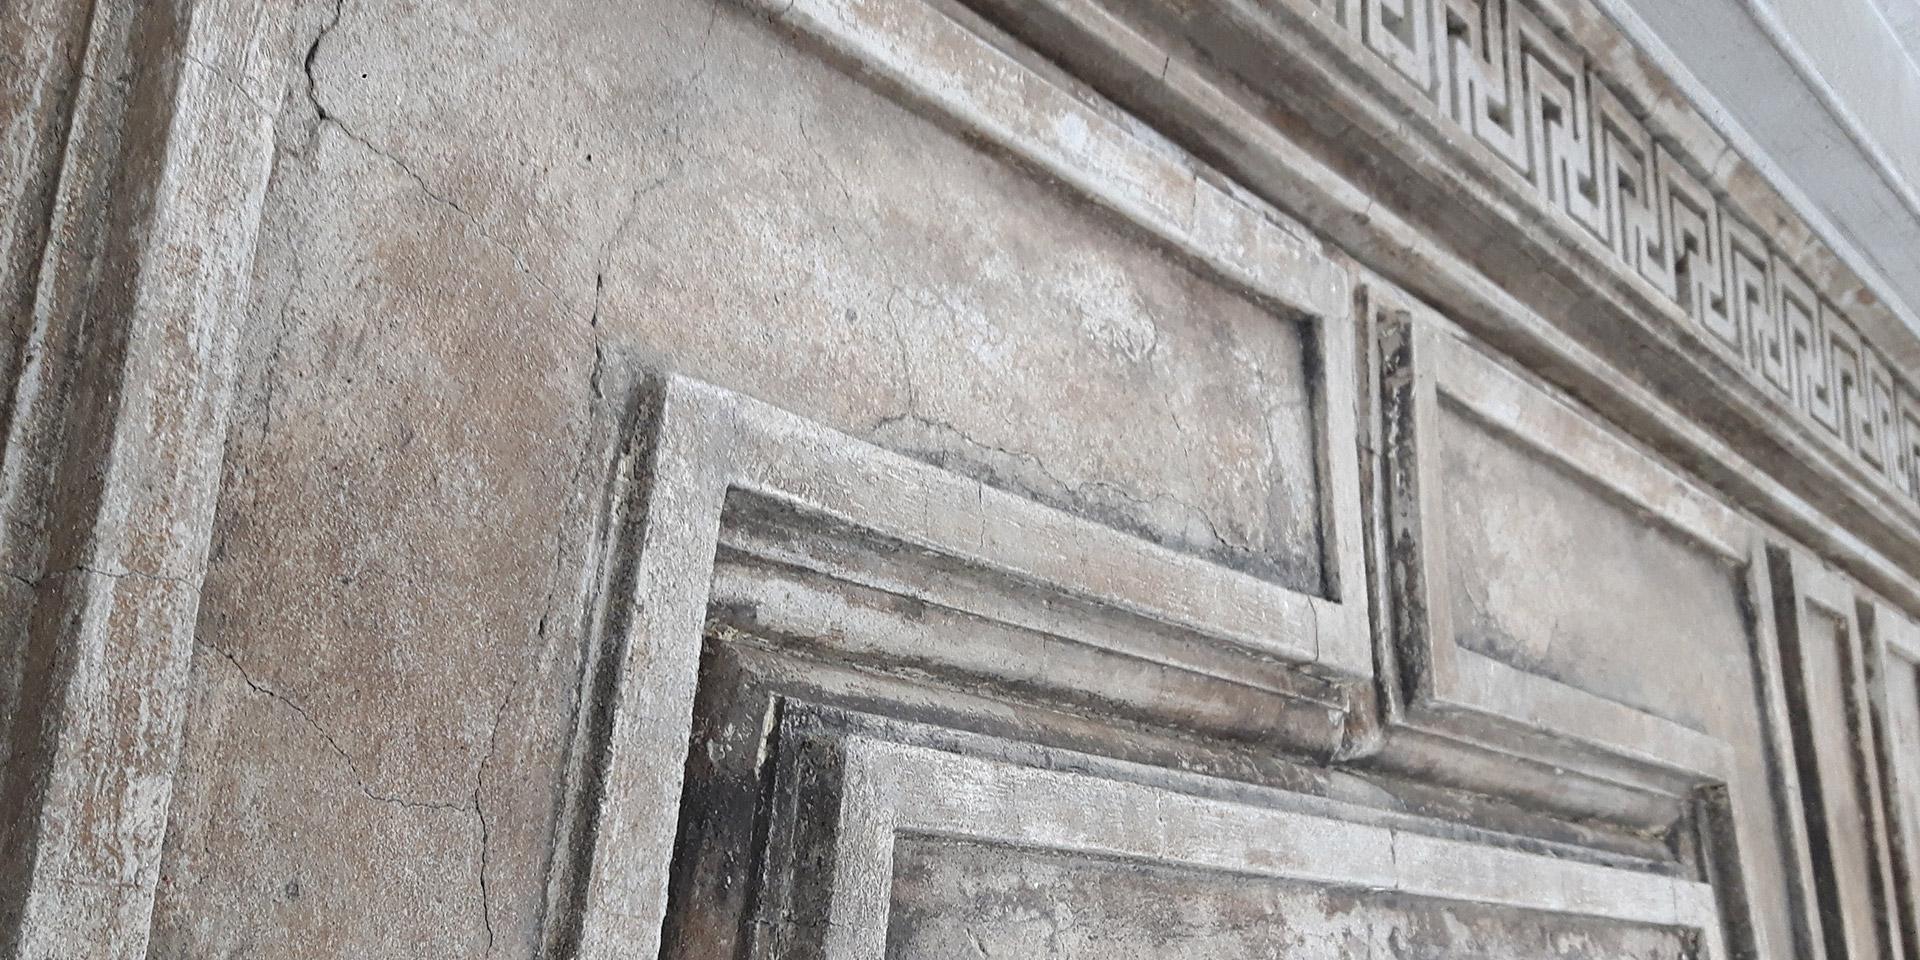 Claus Hein Malerfirma Leistung Sanierungsarbeiten: Fassadensanierung, Schimmelsanierung, Strangsanierung nach Wasserschaden, Trockenbau an Decken und Wandflächen.